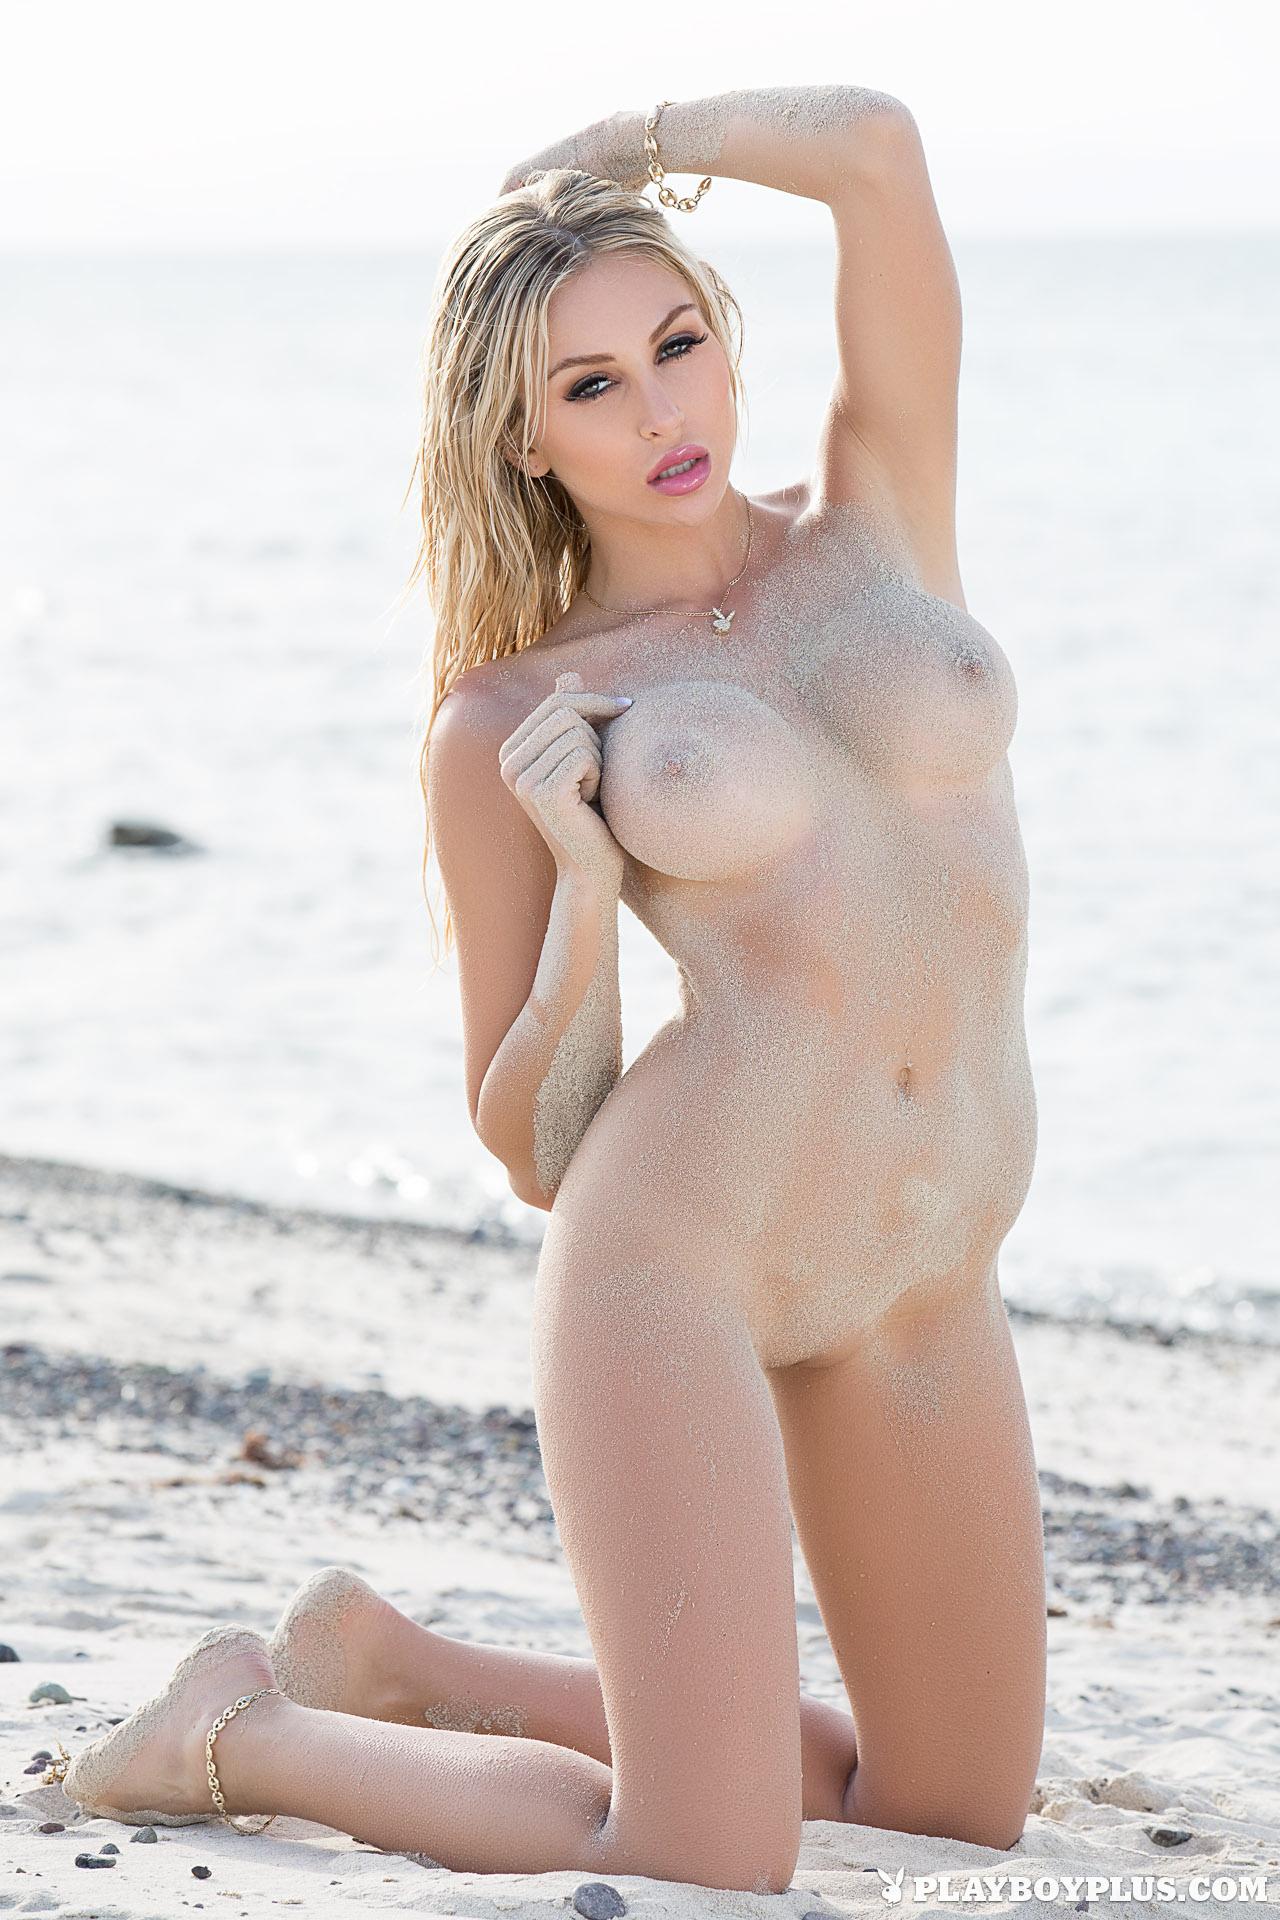 khloe-terae-nude-diver-seaside-playboy-18